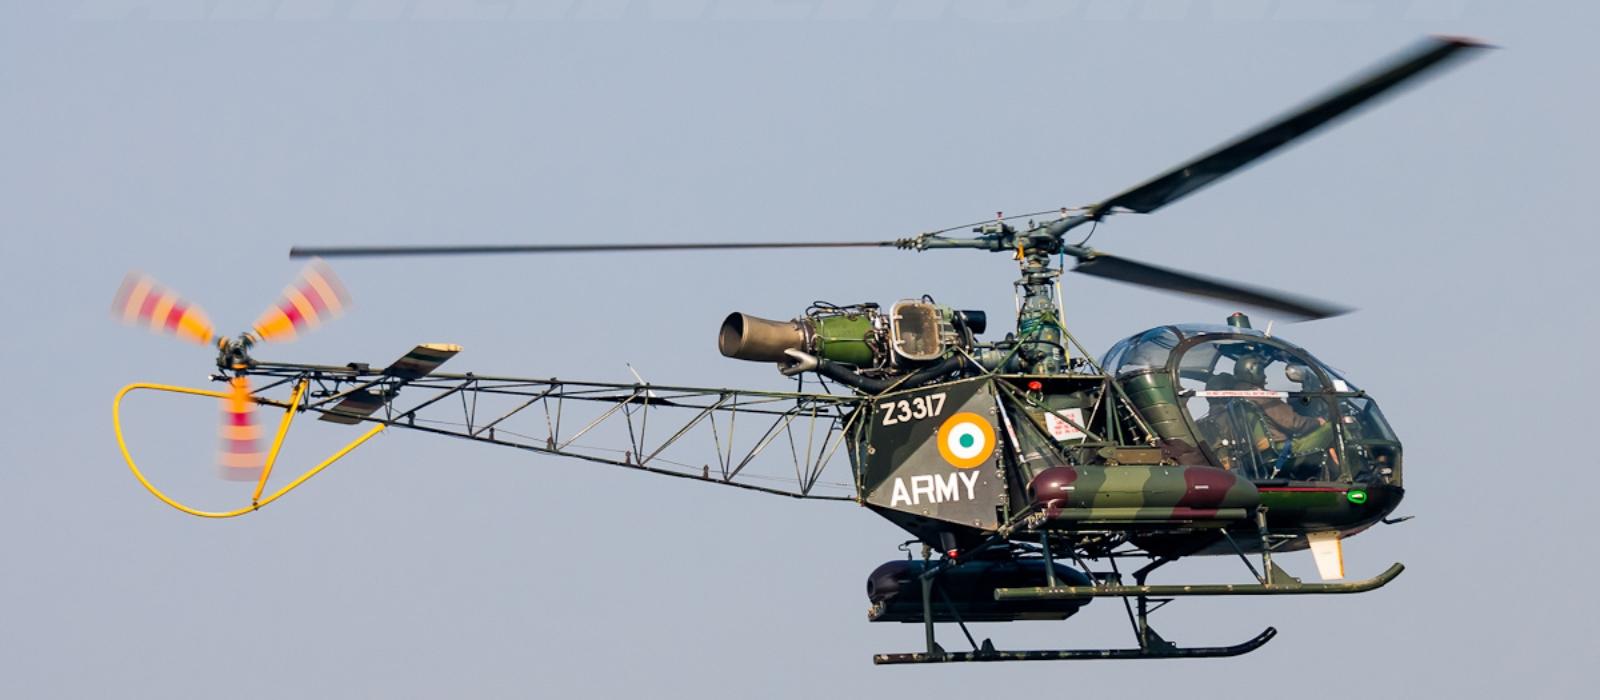 Alouette / Chettah / Chetak Helicopter